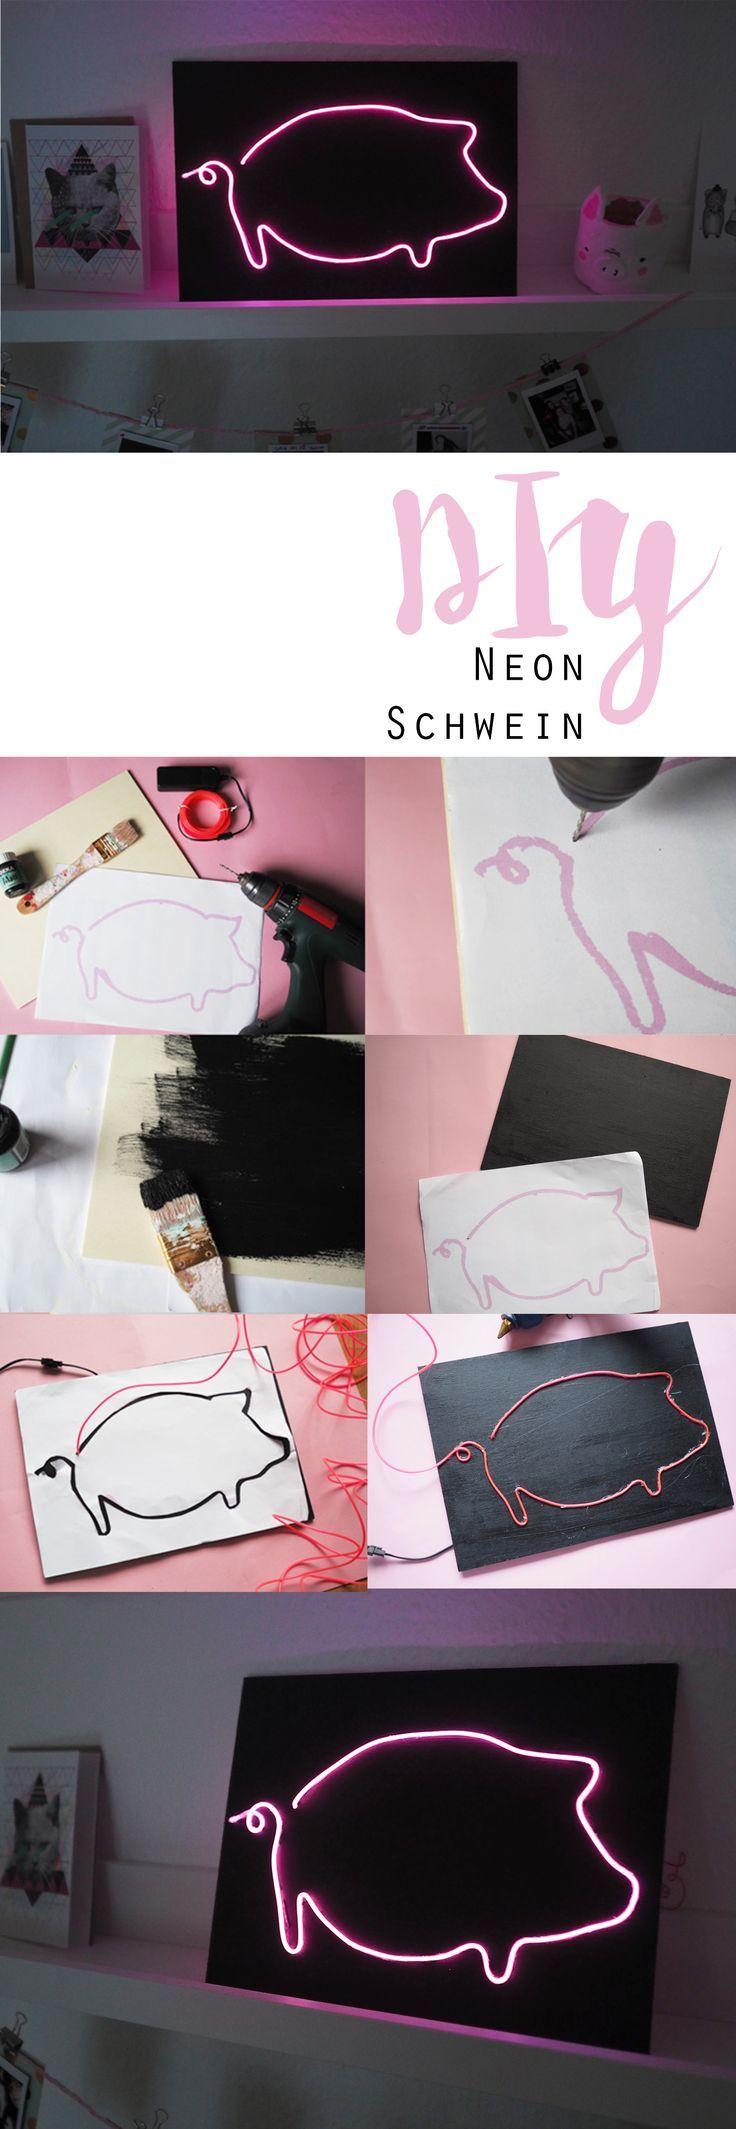 Neonschwein - Neonschild selberbauen